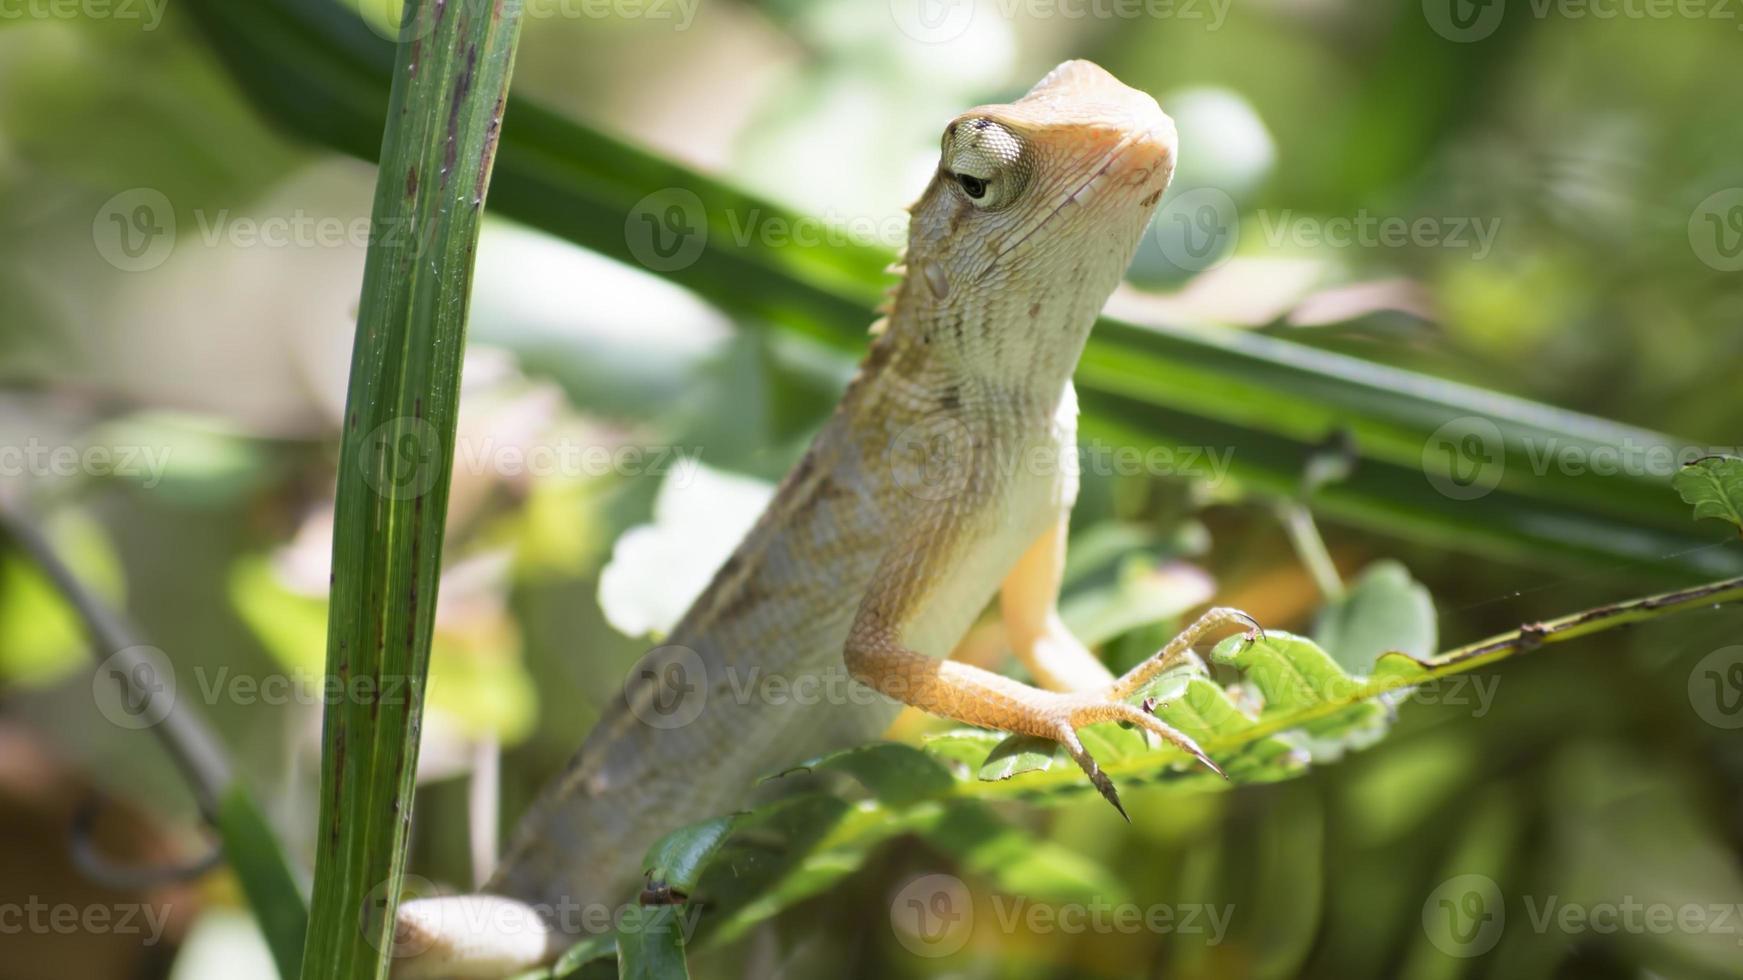 close-up lagarto de cara preta, lagarto de árvore, lagarto de crista verde. foto